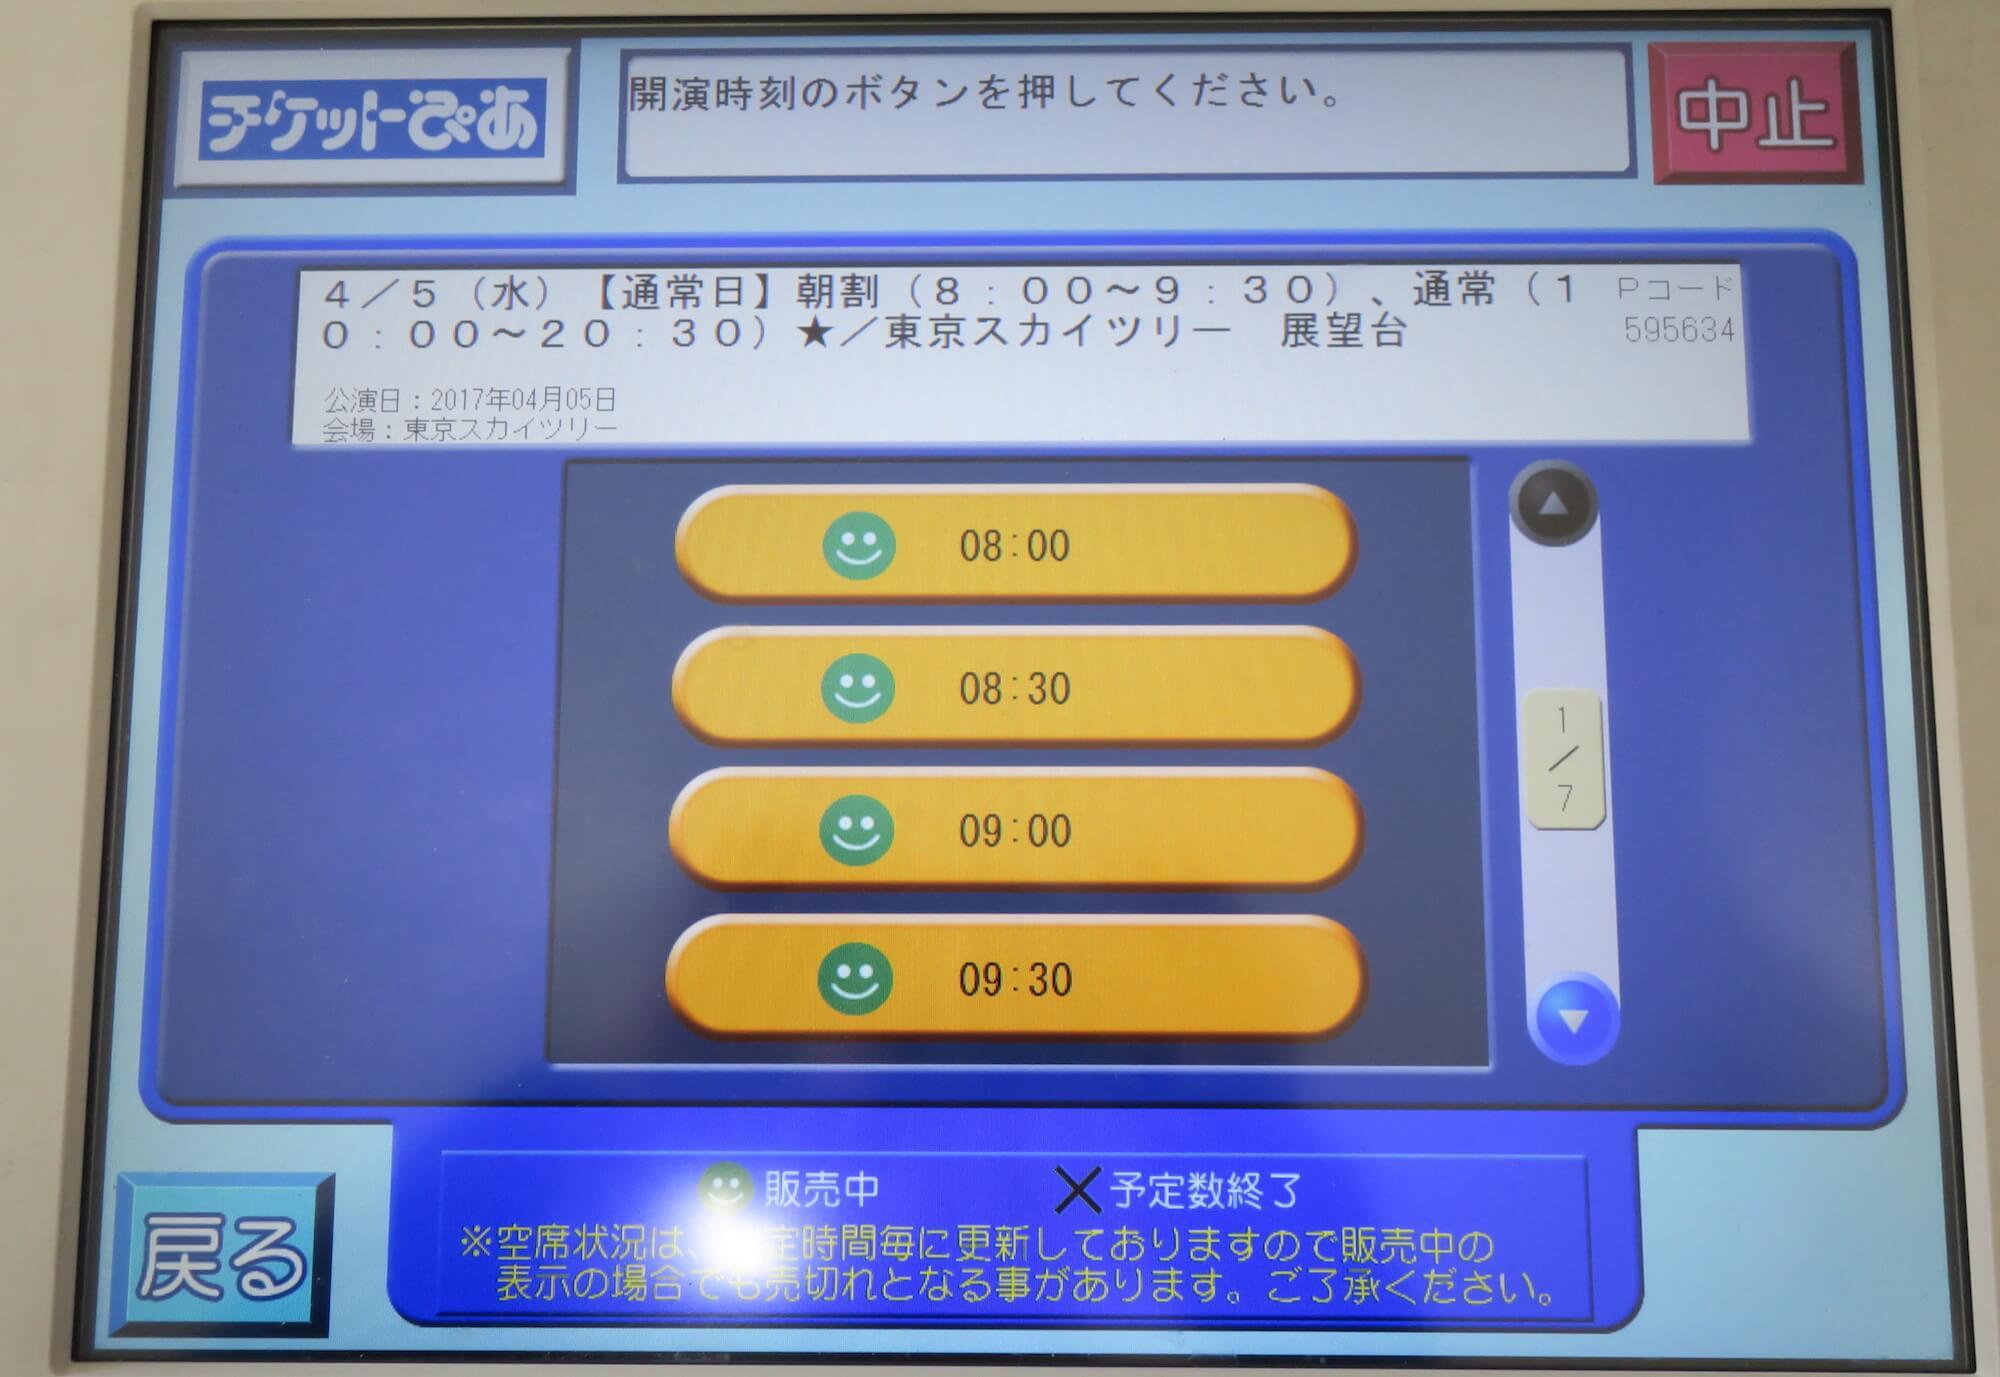 チケット発券機操作方法04